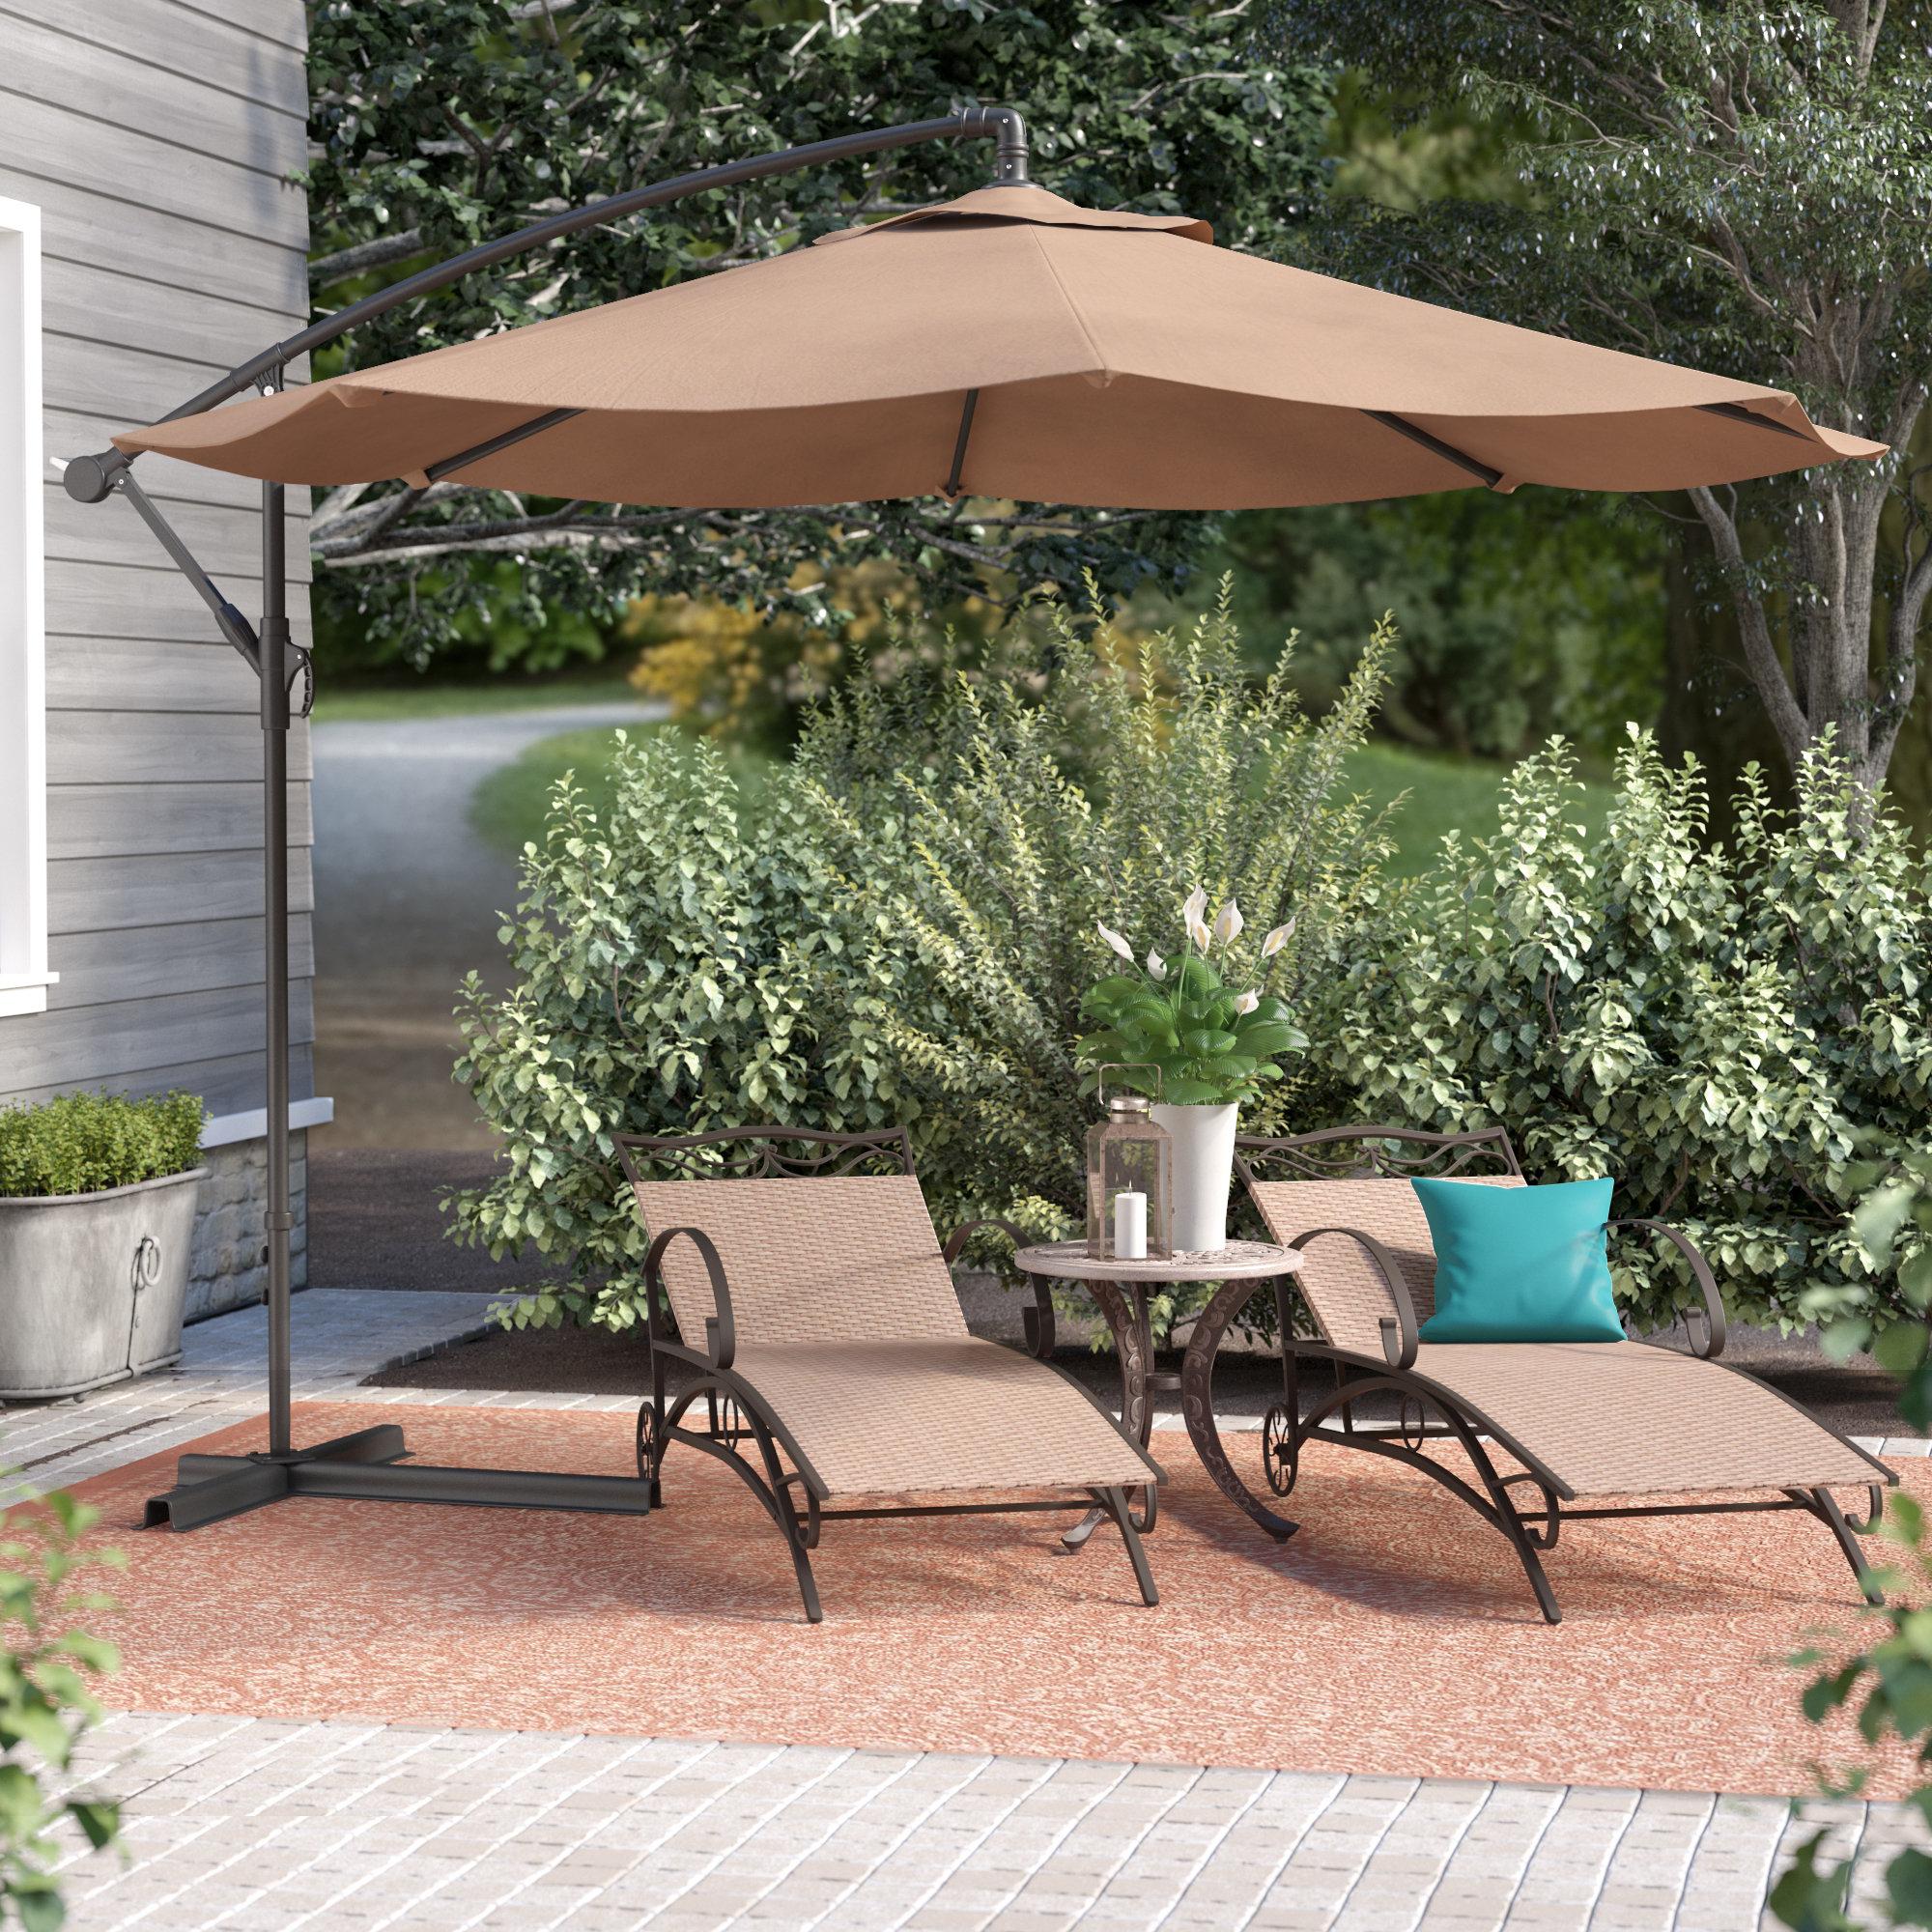 Bormann 10' Cantilever Umbrella Intended For Fashionable Dore Patio Cantilever Umbrellas (View 3 of 20)